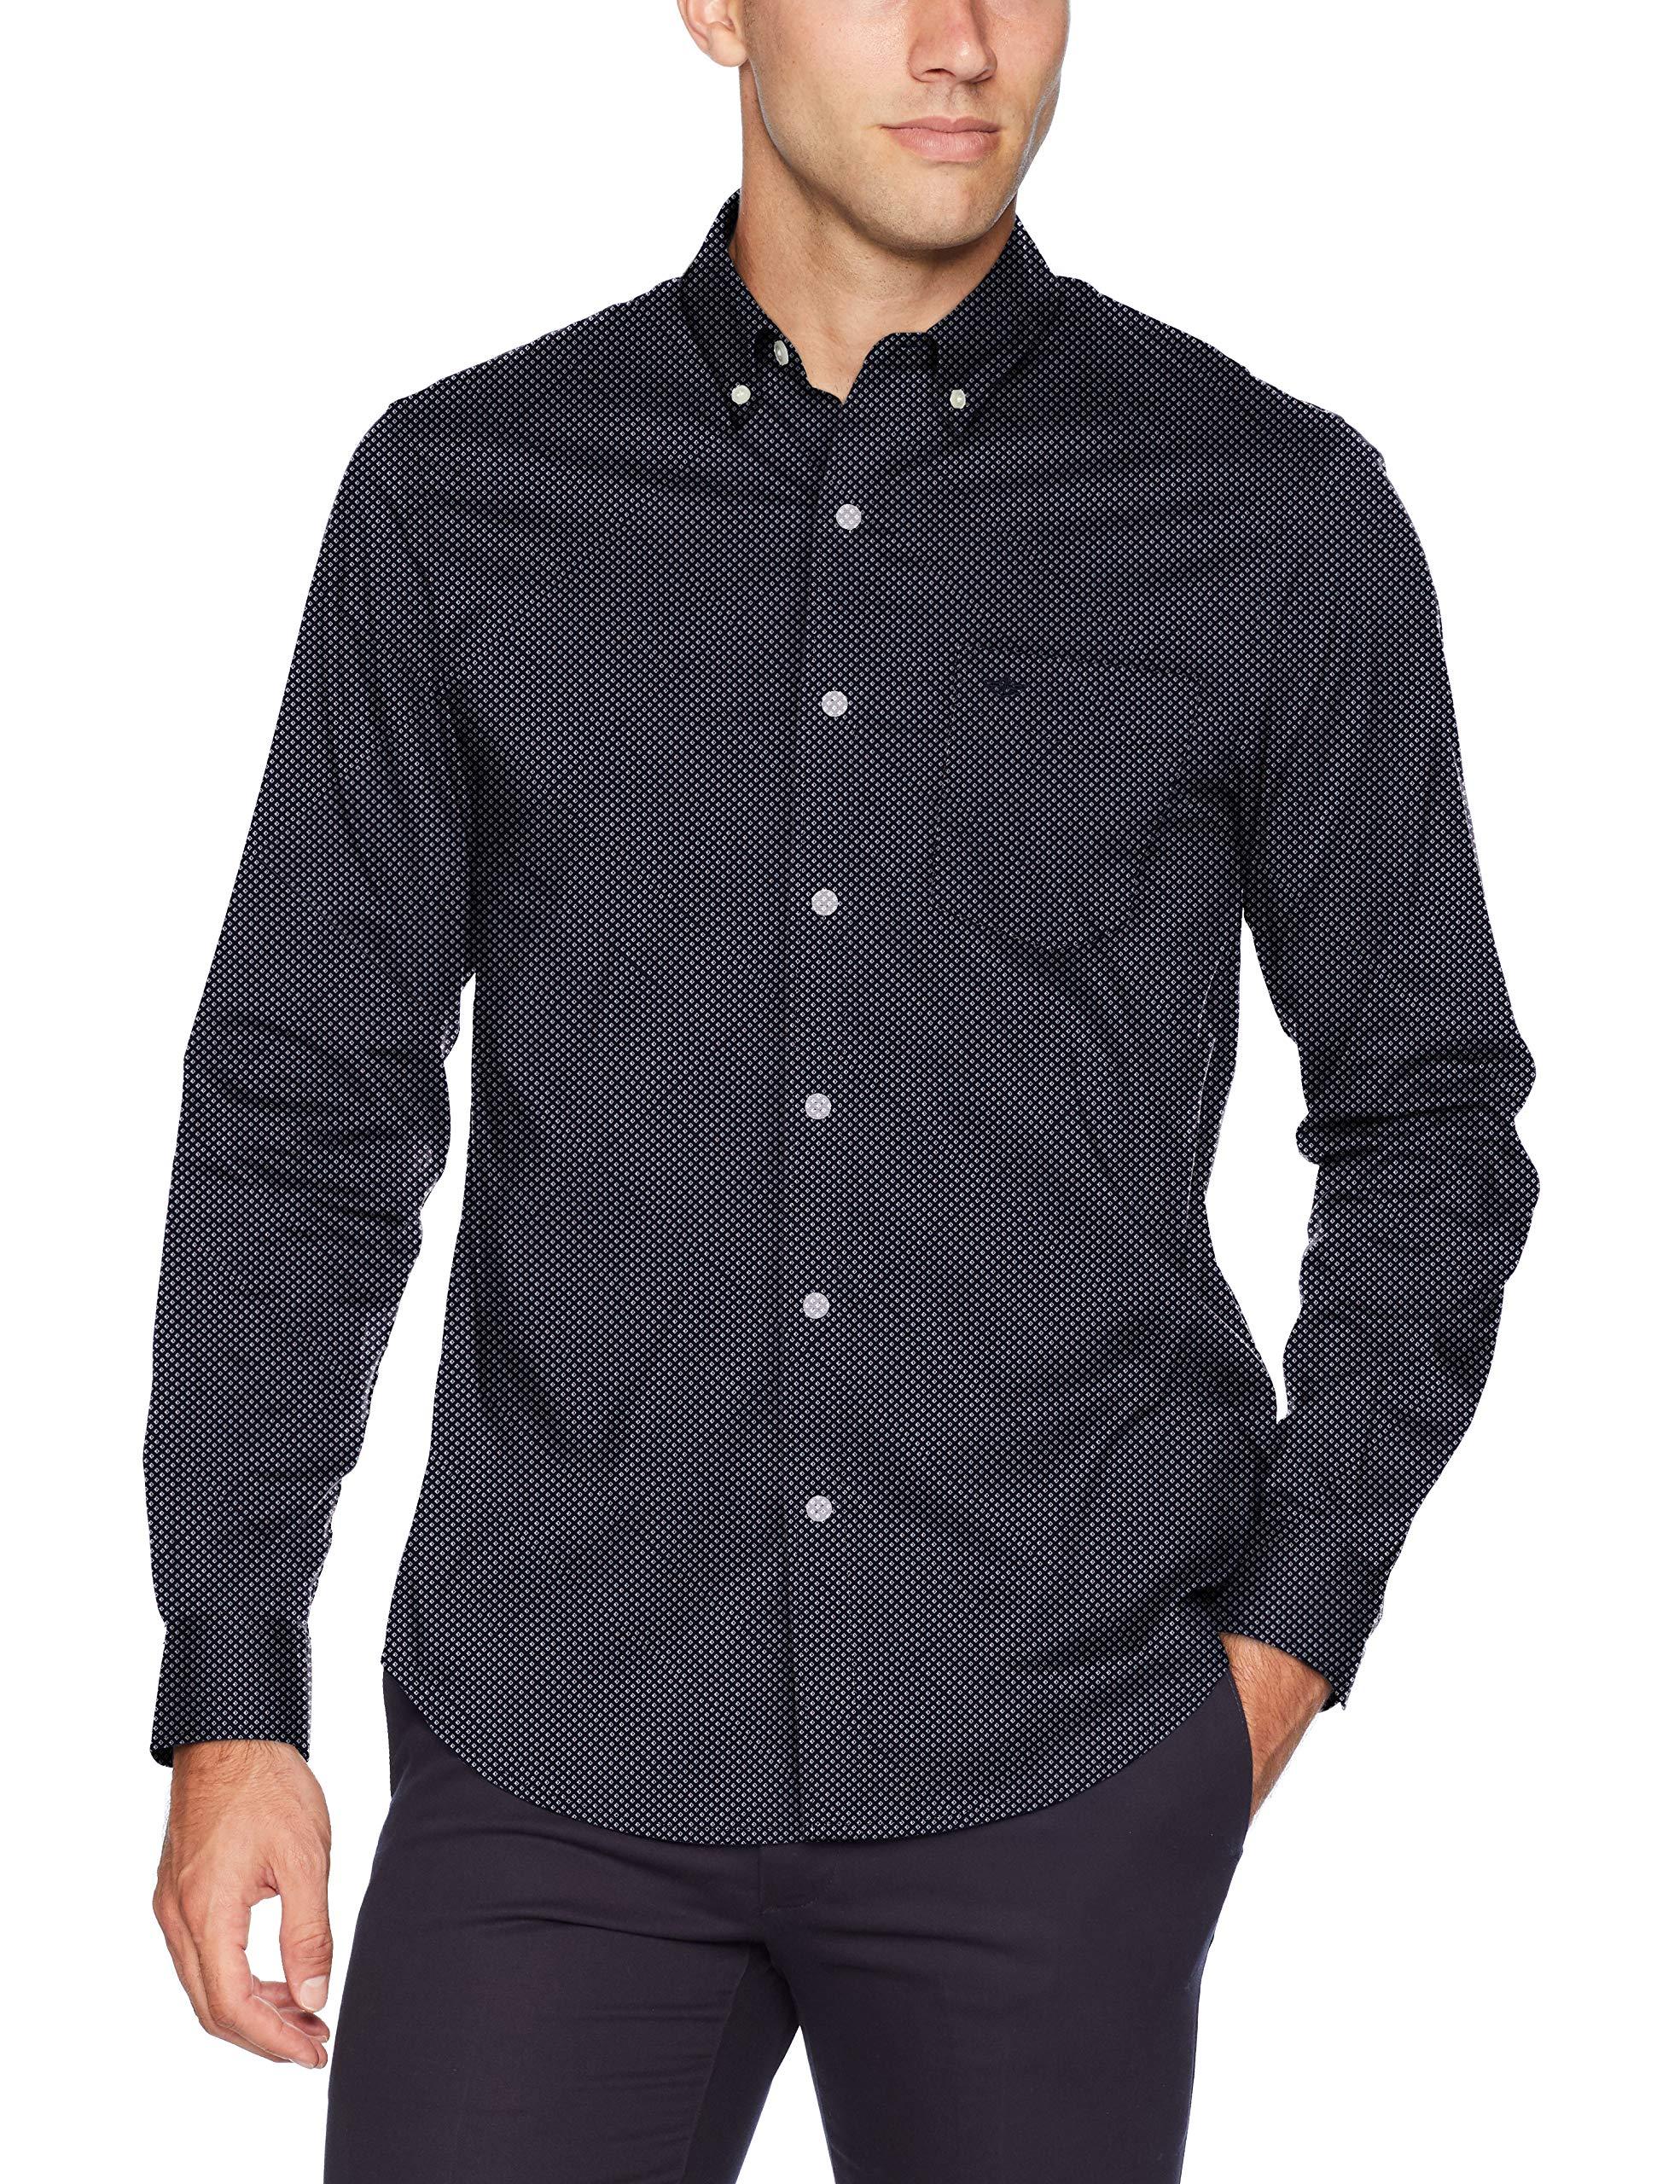 Dockers Men's Long Sleeve Button Front Comfort Flex Shirt, Pembroke Diamonds Print Large